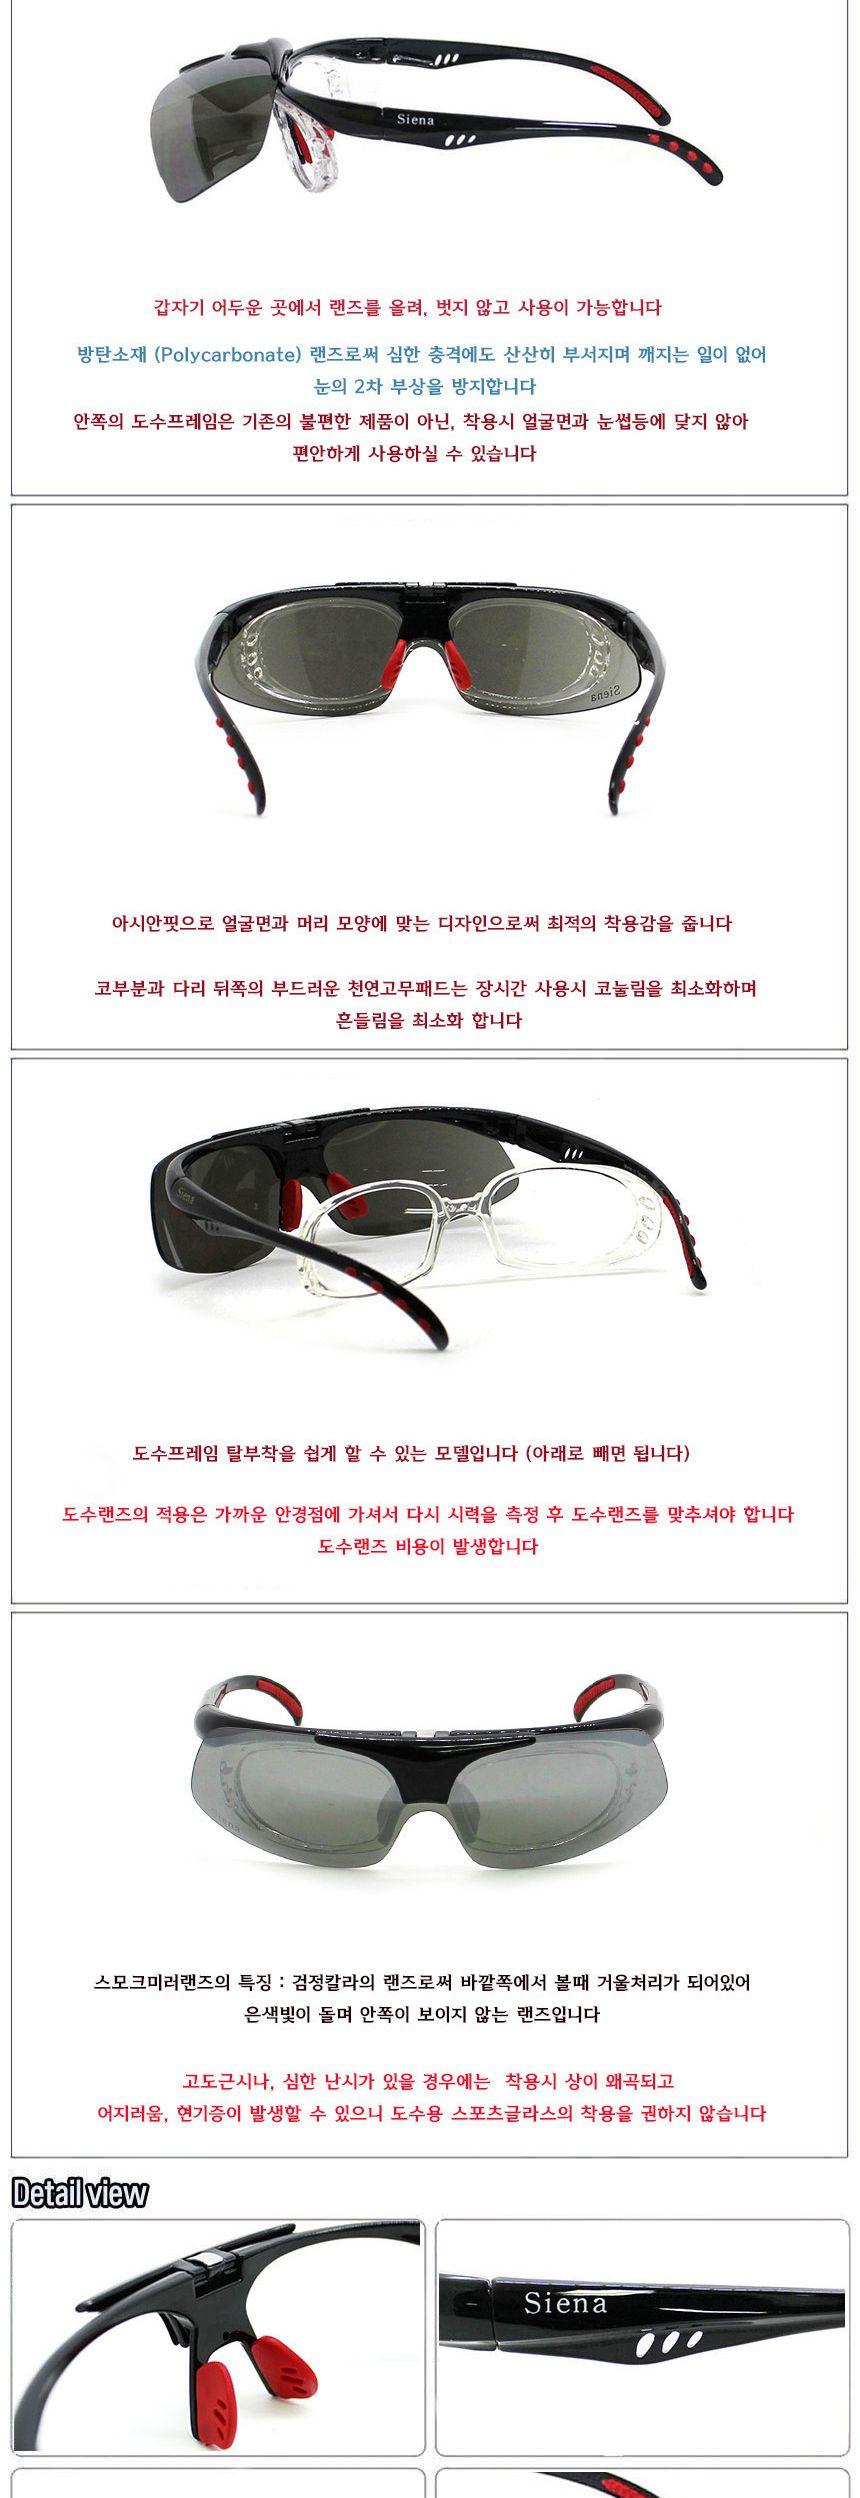 Siena 개폐형 스포츠글라스 0103R 운동글라스 스포츠 운동글라스 스포츠글라스 체육글라스 체육고글 등산선글라스